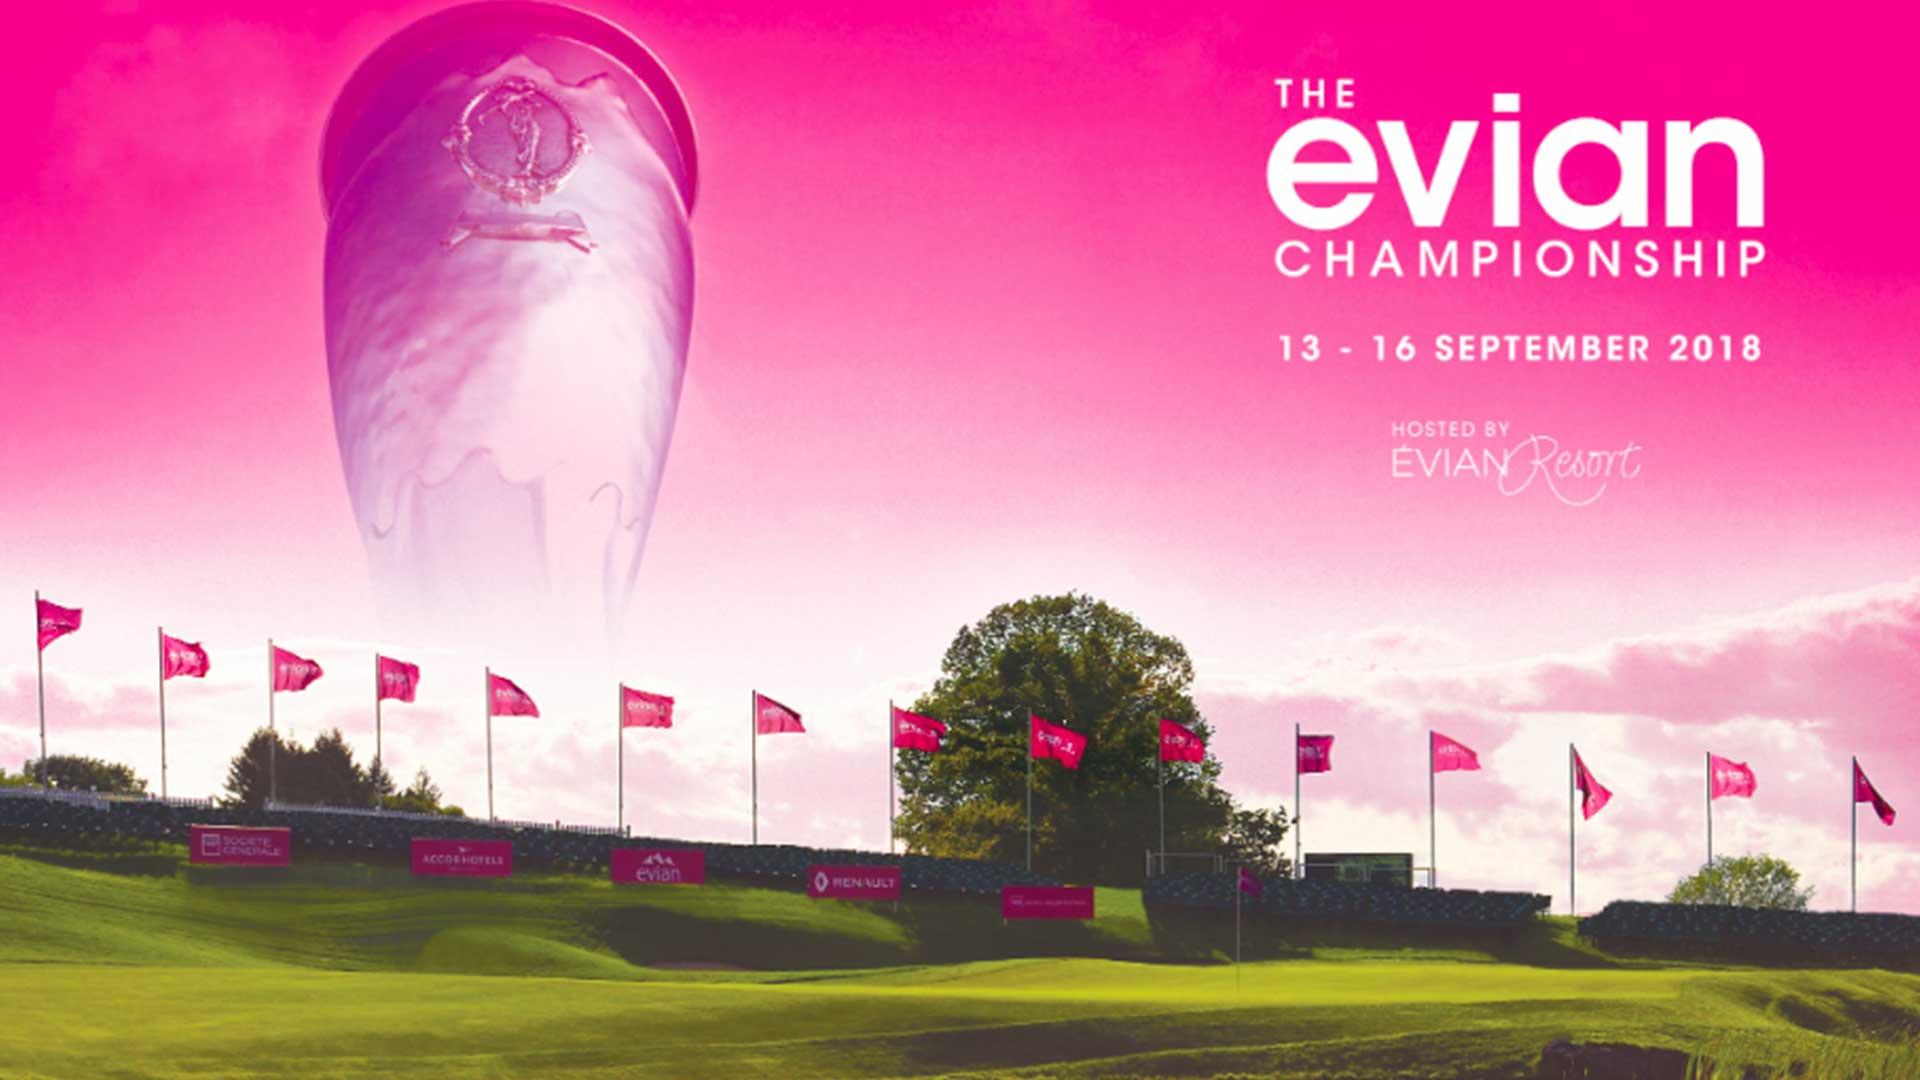 Expériences innovantes et lifestyle à l'Evian Championship 2018